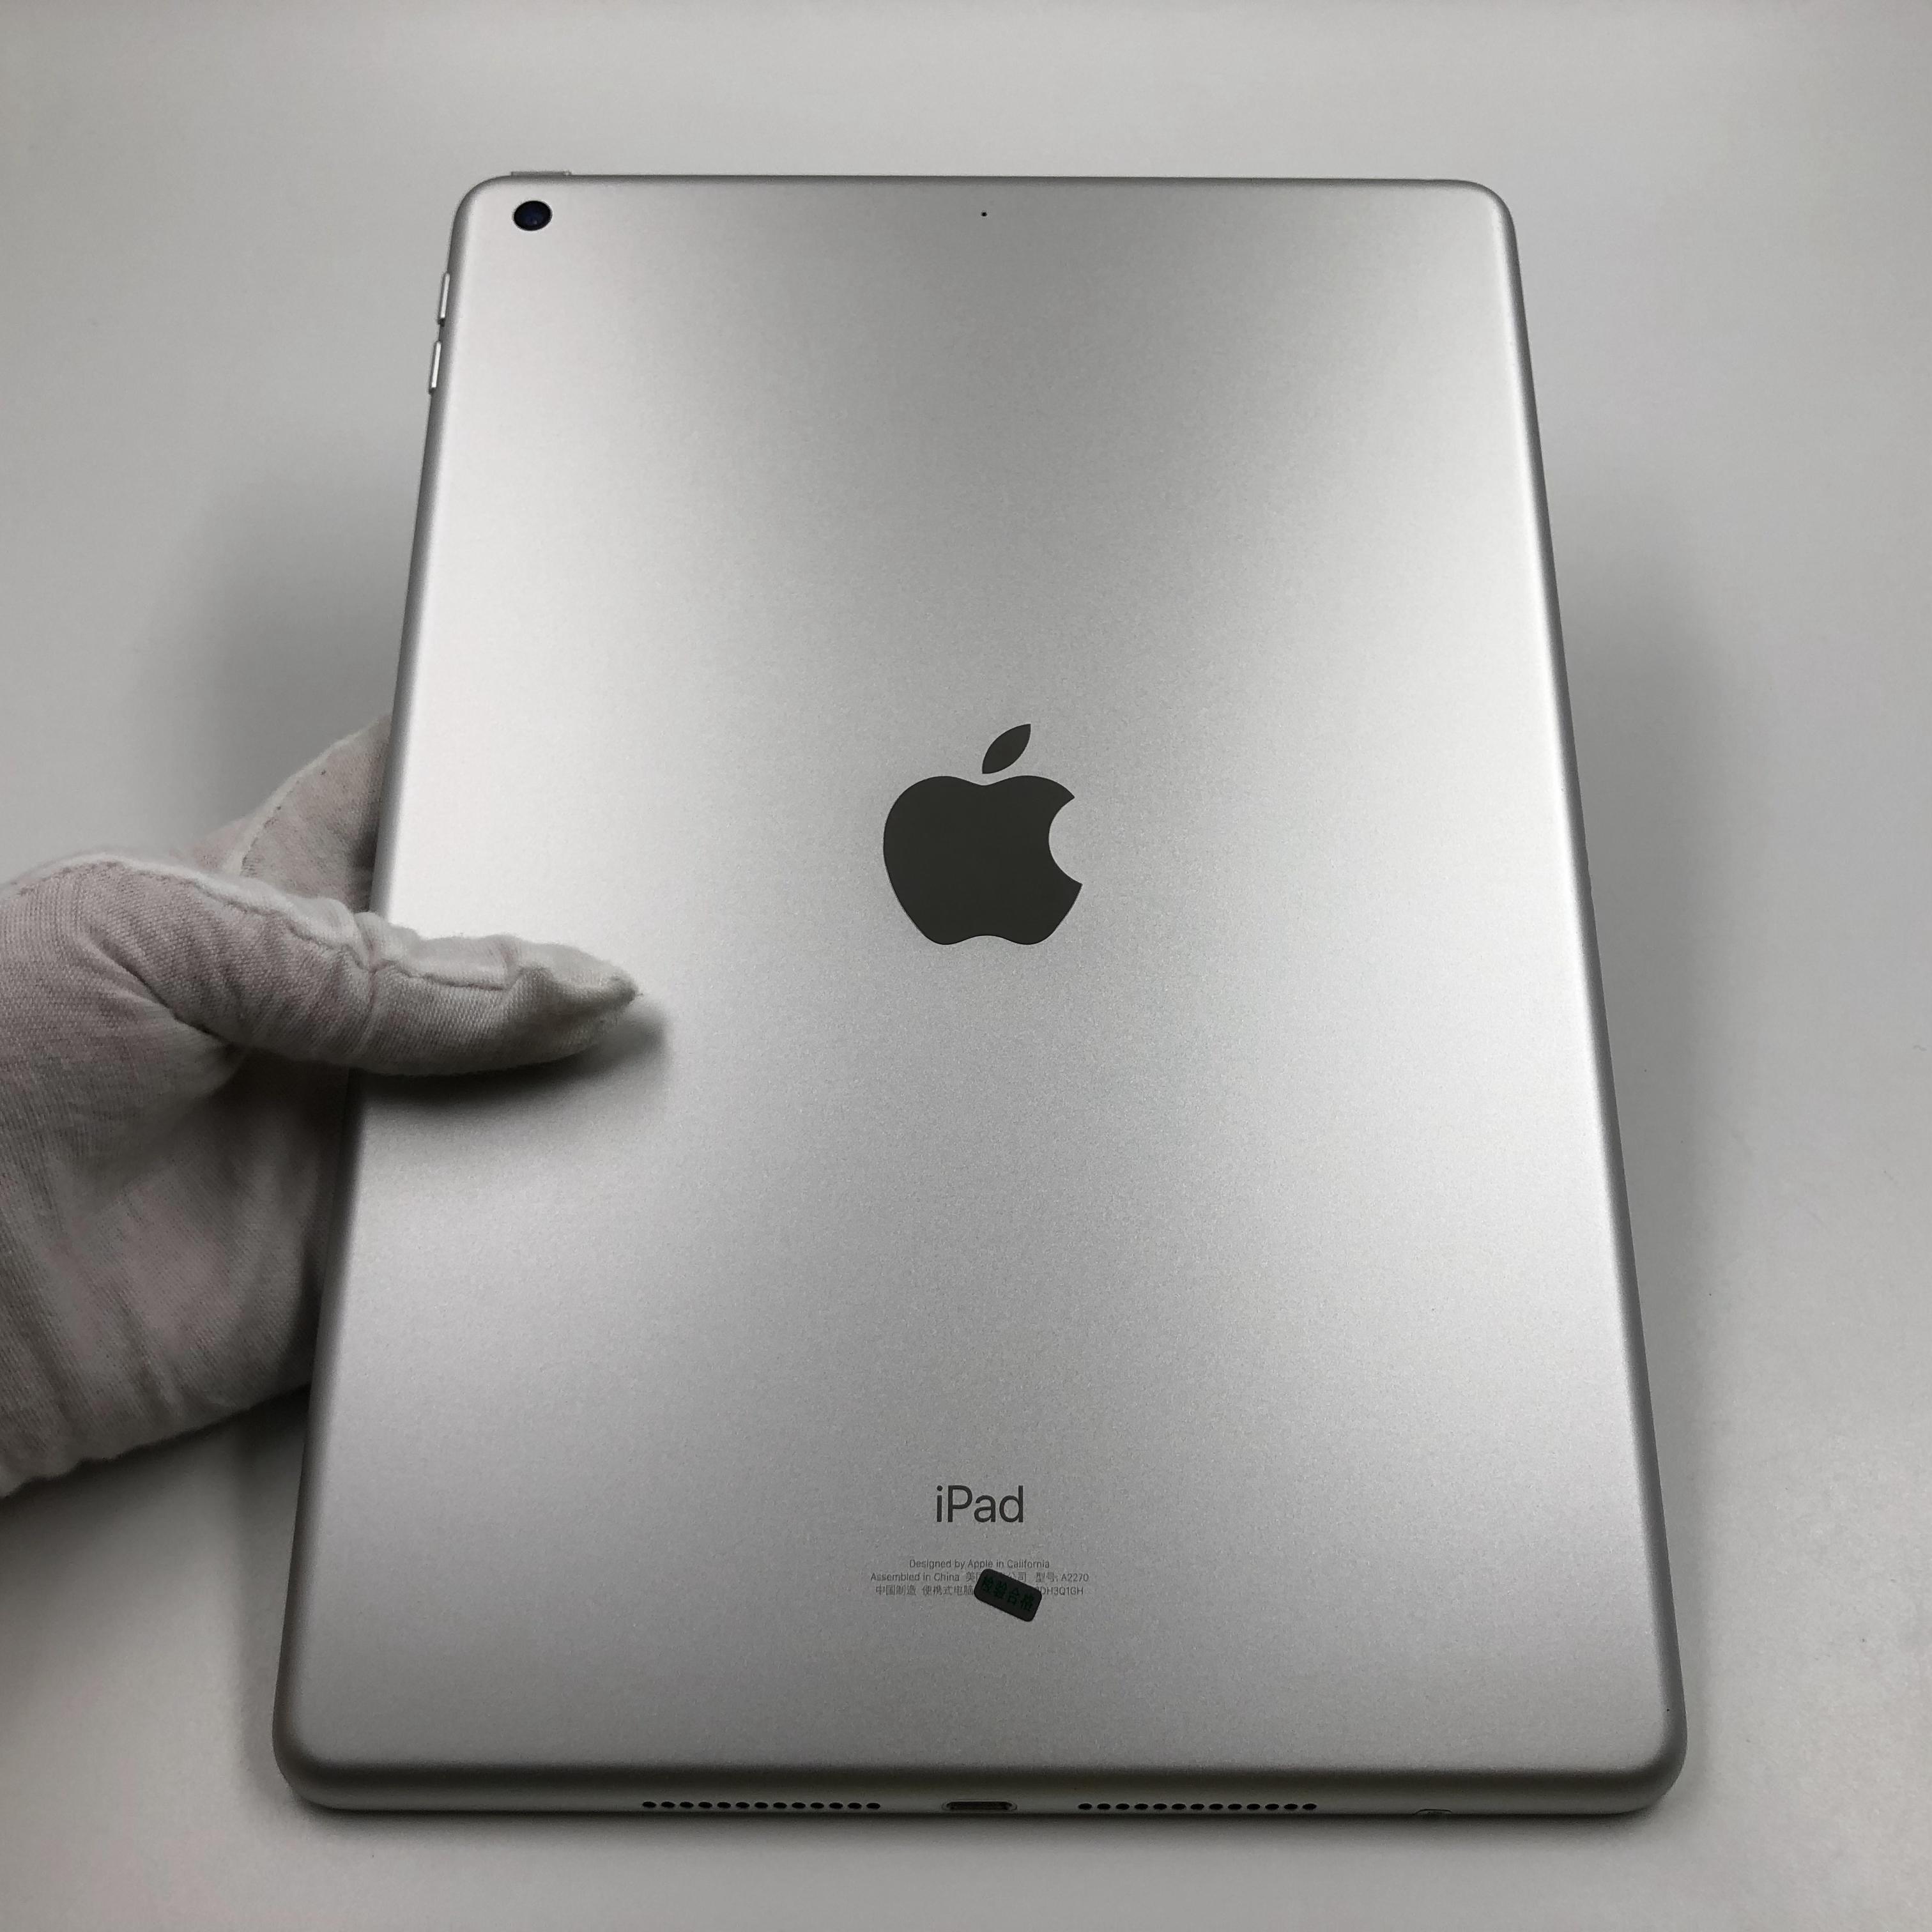 苹果【iPad8 10.2英寸 20款】WIFI版 银色 128G 国行 95新 真机实拍官保2022-03-08